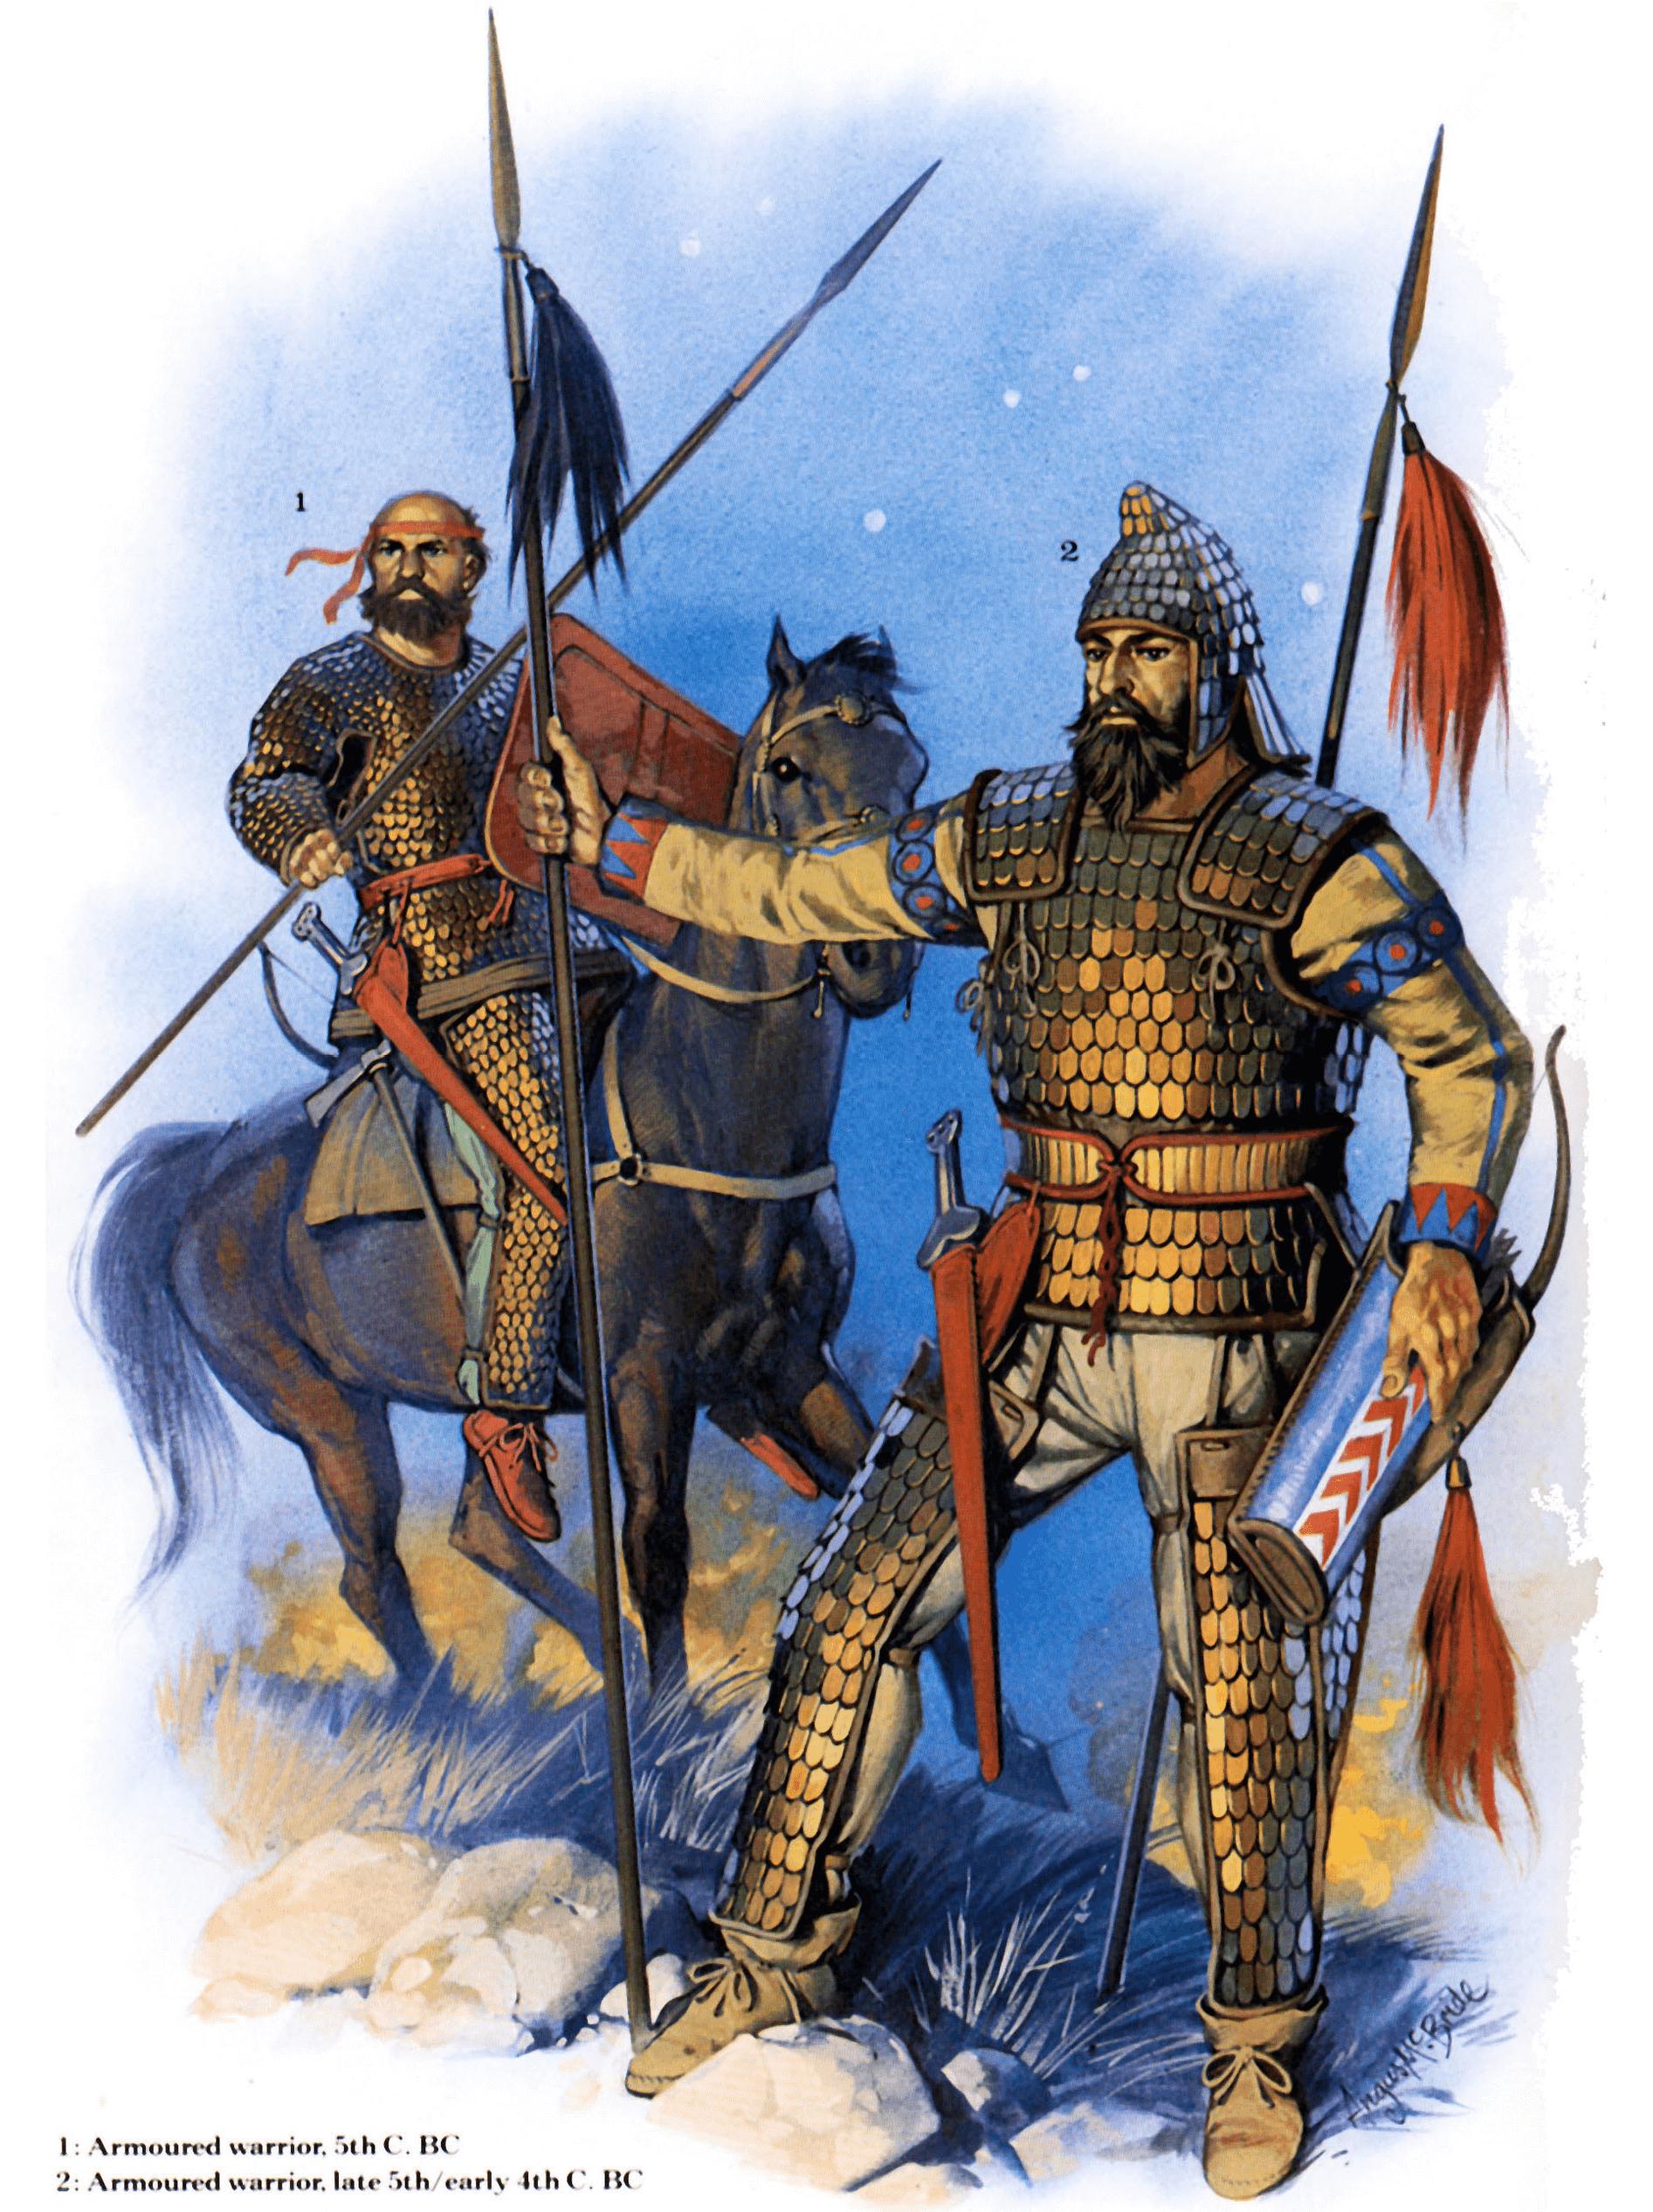 Jinetes pesados escitas siglo V AC: 1 guerrero escita norte de Ucrania; 2 Noble escita, ambos llevan leggins protegiendo las piernas, se nota la influencia de los sármatas. Autor Angus Mcbride para Osprey